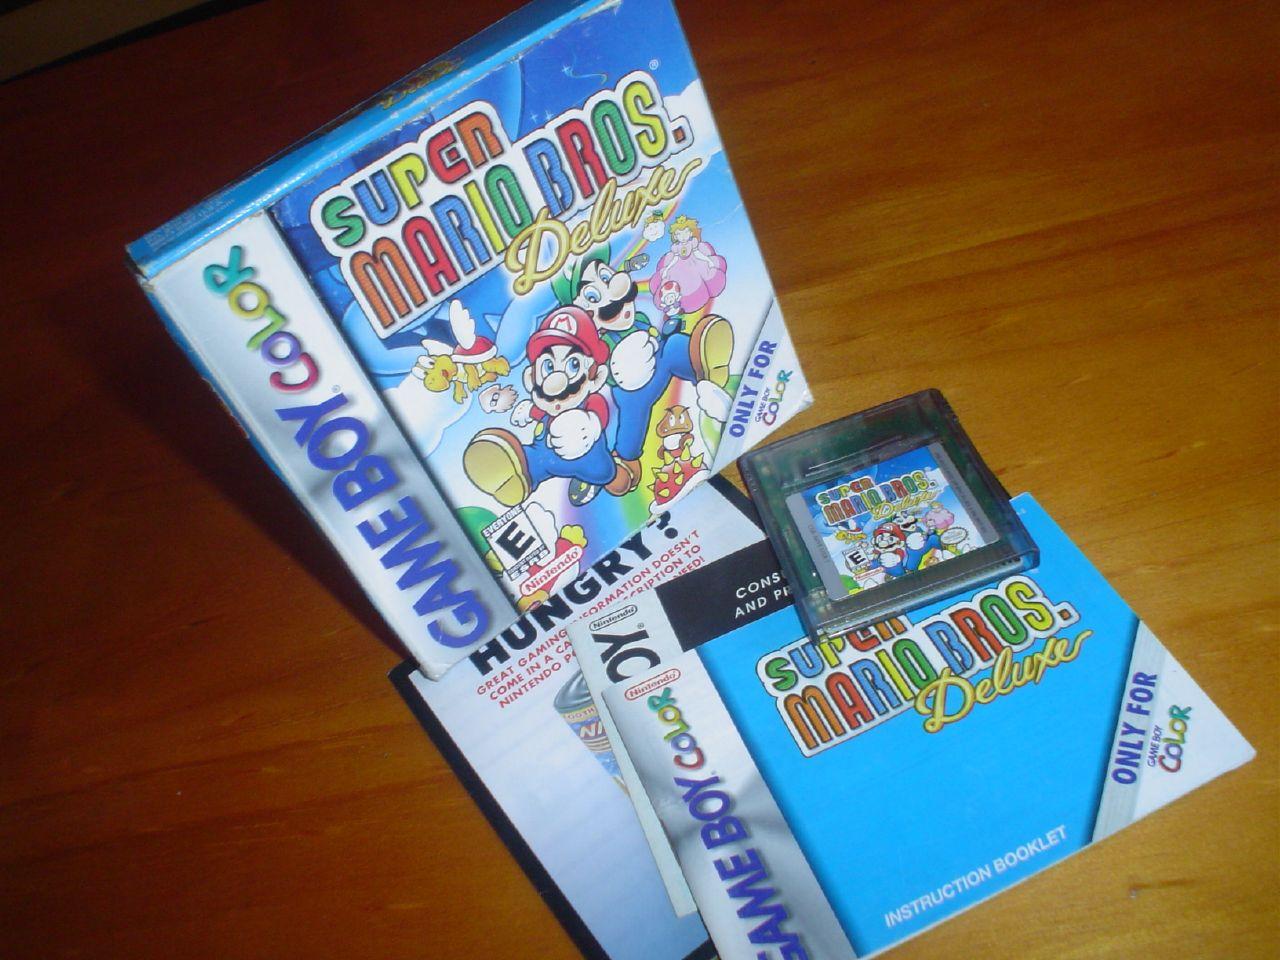 Game boy color super mario bros deluxe -  Gbc Super Mario Bros Deluxe 1999